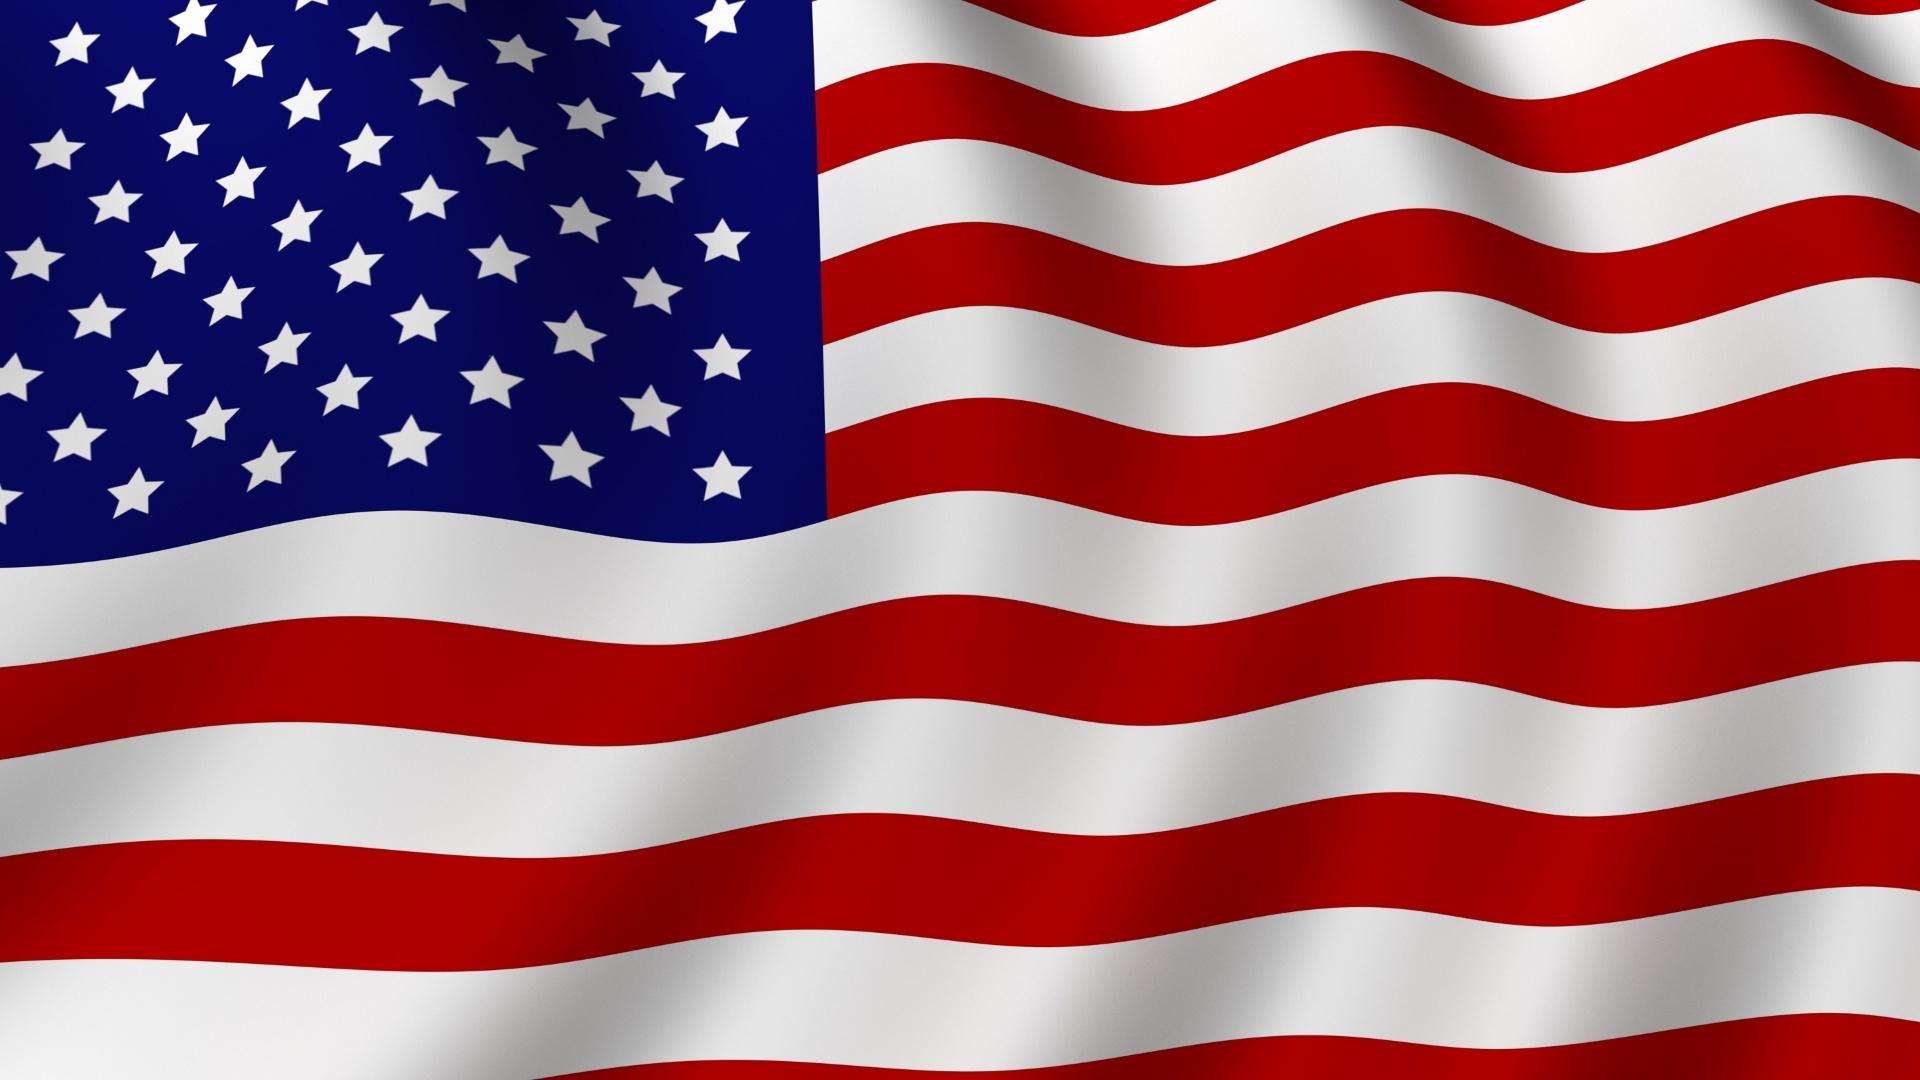 الولايات المتحدة الأمريكية تفرض عقوبات جديدة على كوريا الشمالية